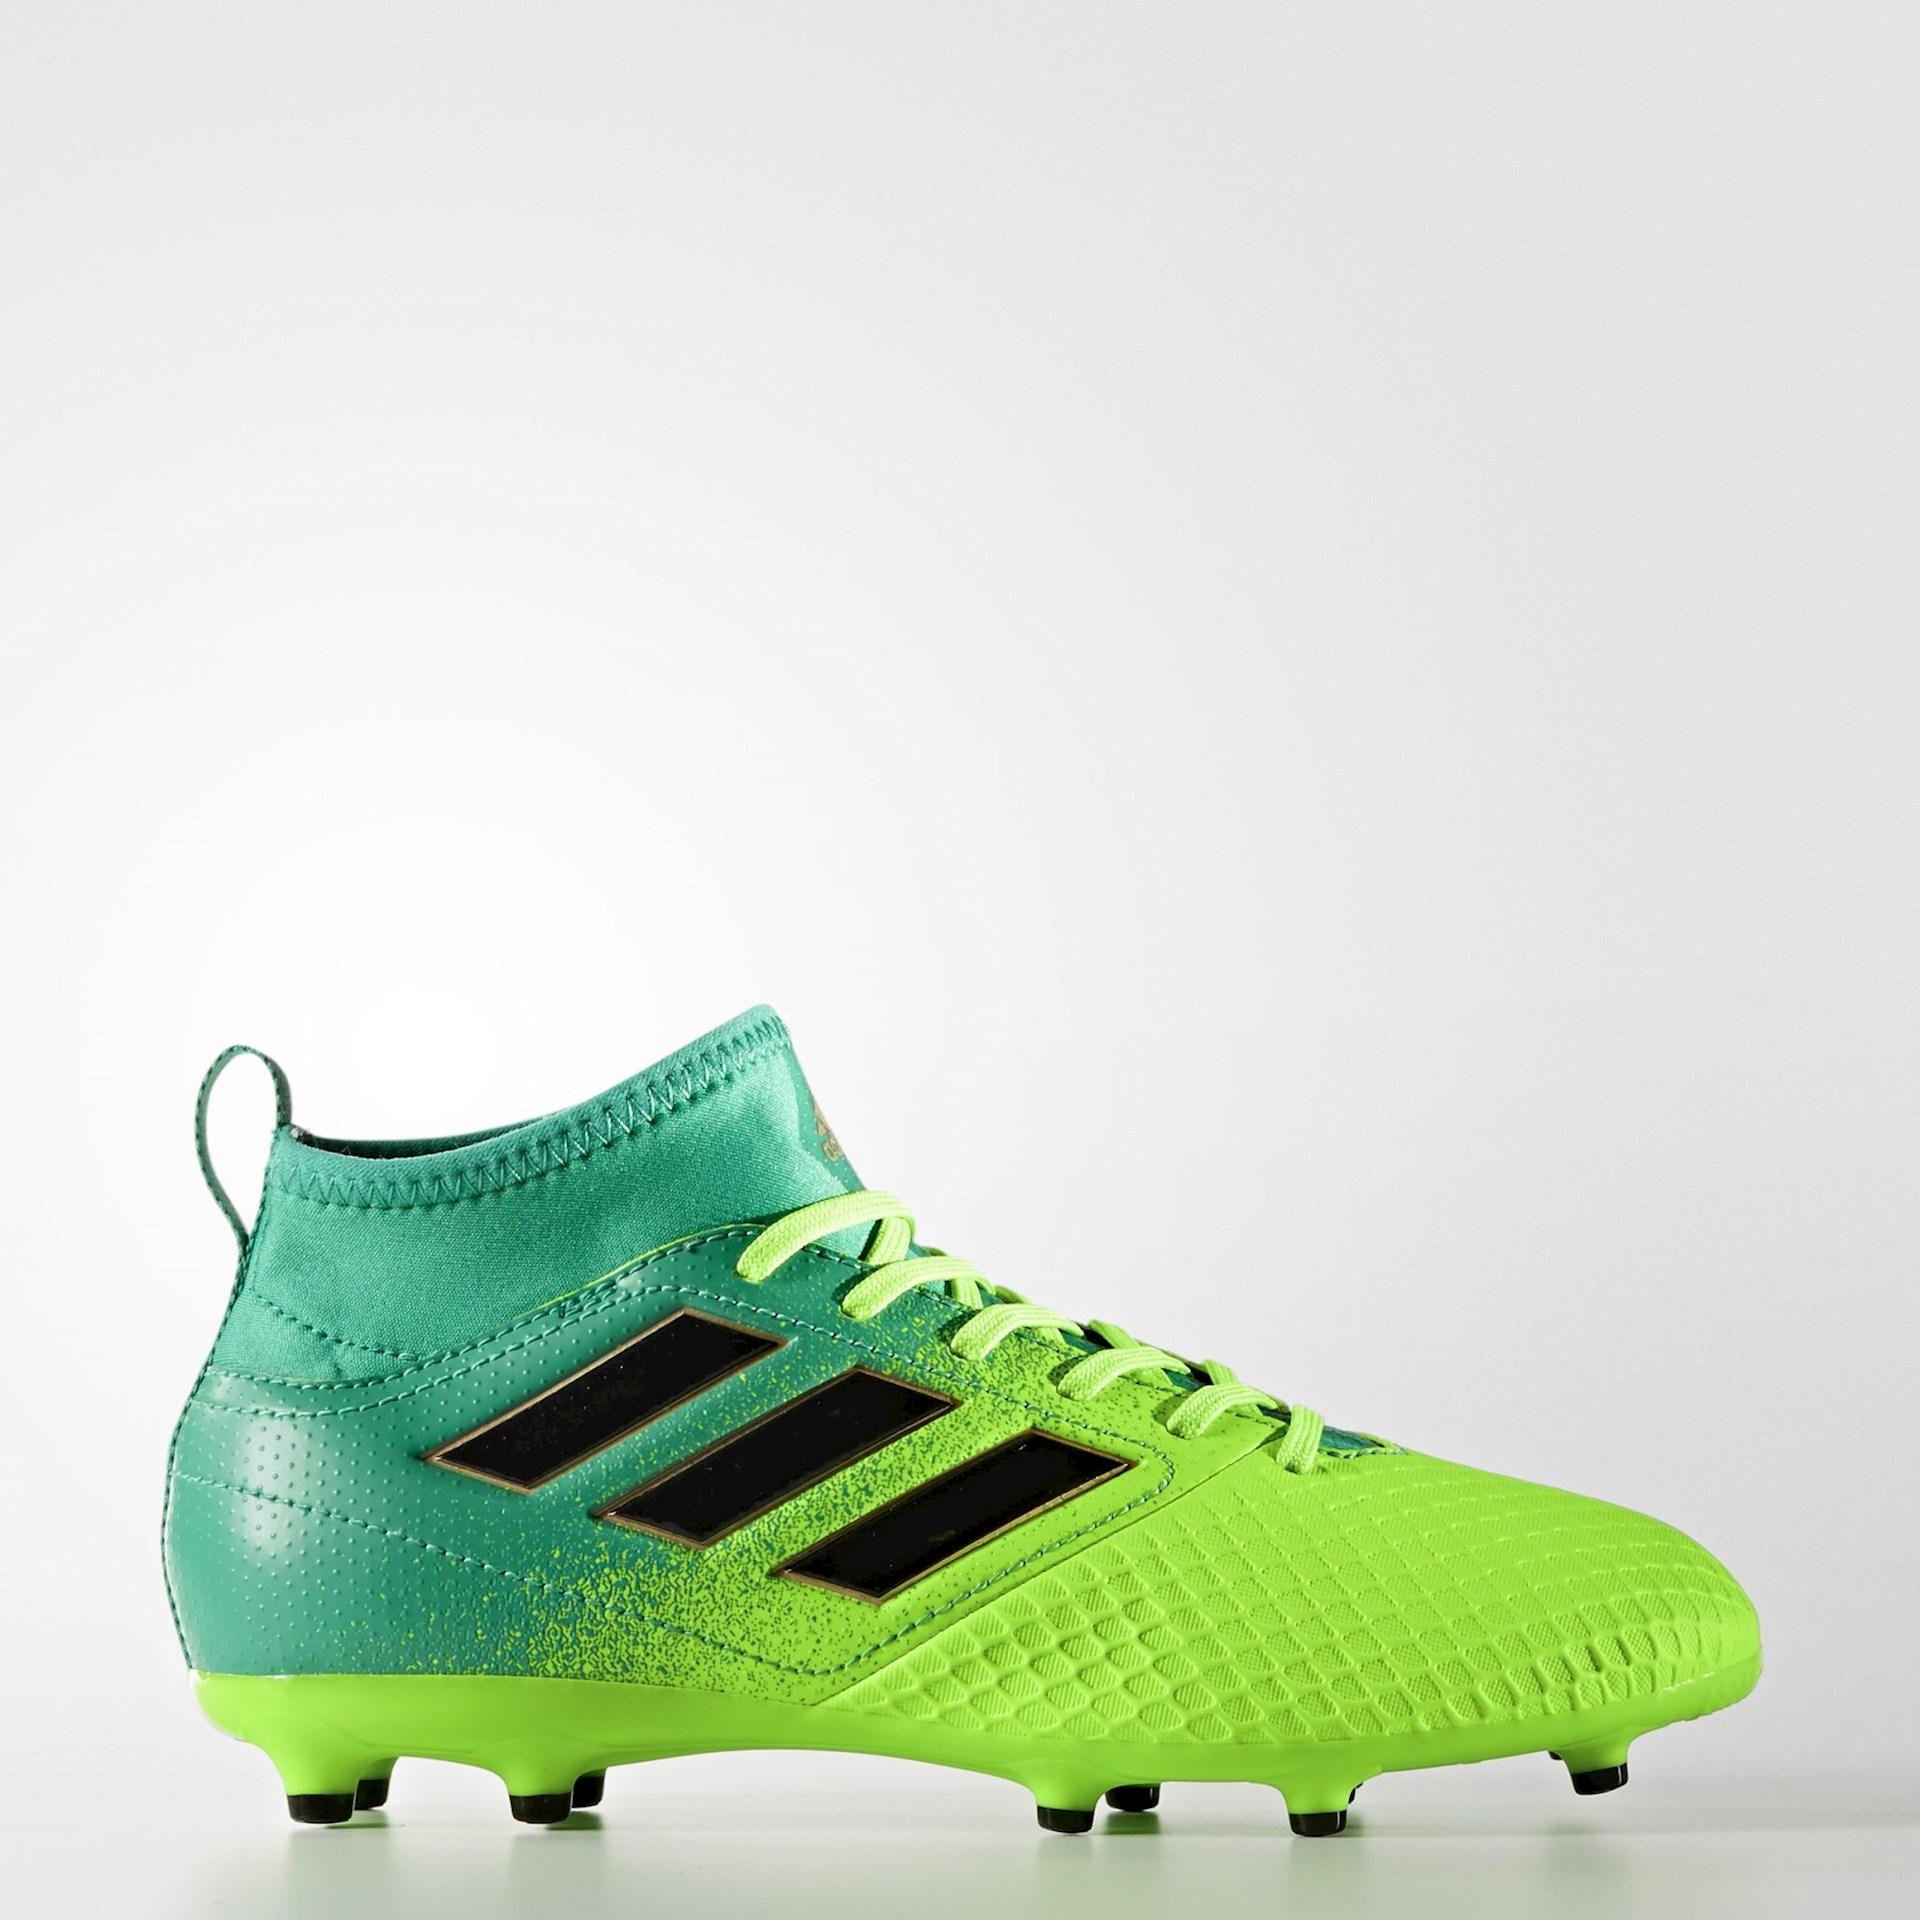 Voetbalschoenen met sok Voetbal schoenen.eu